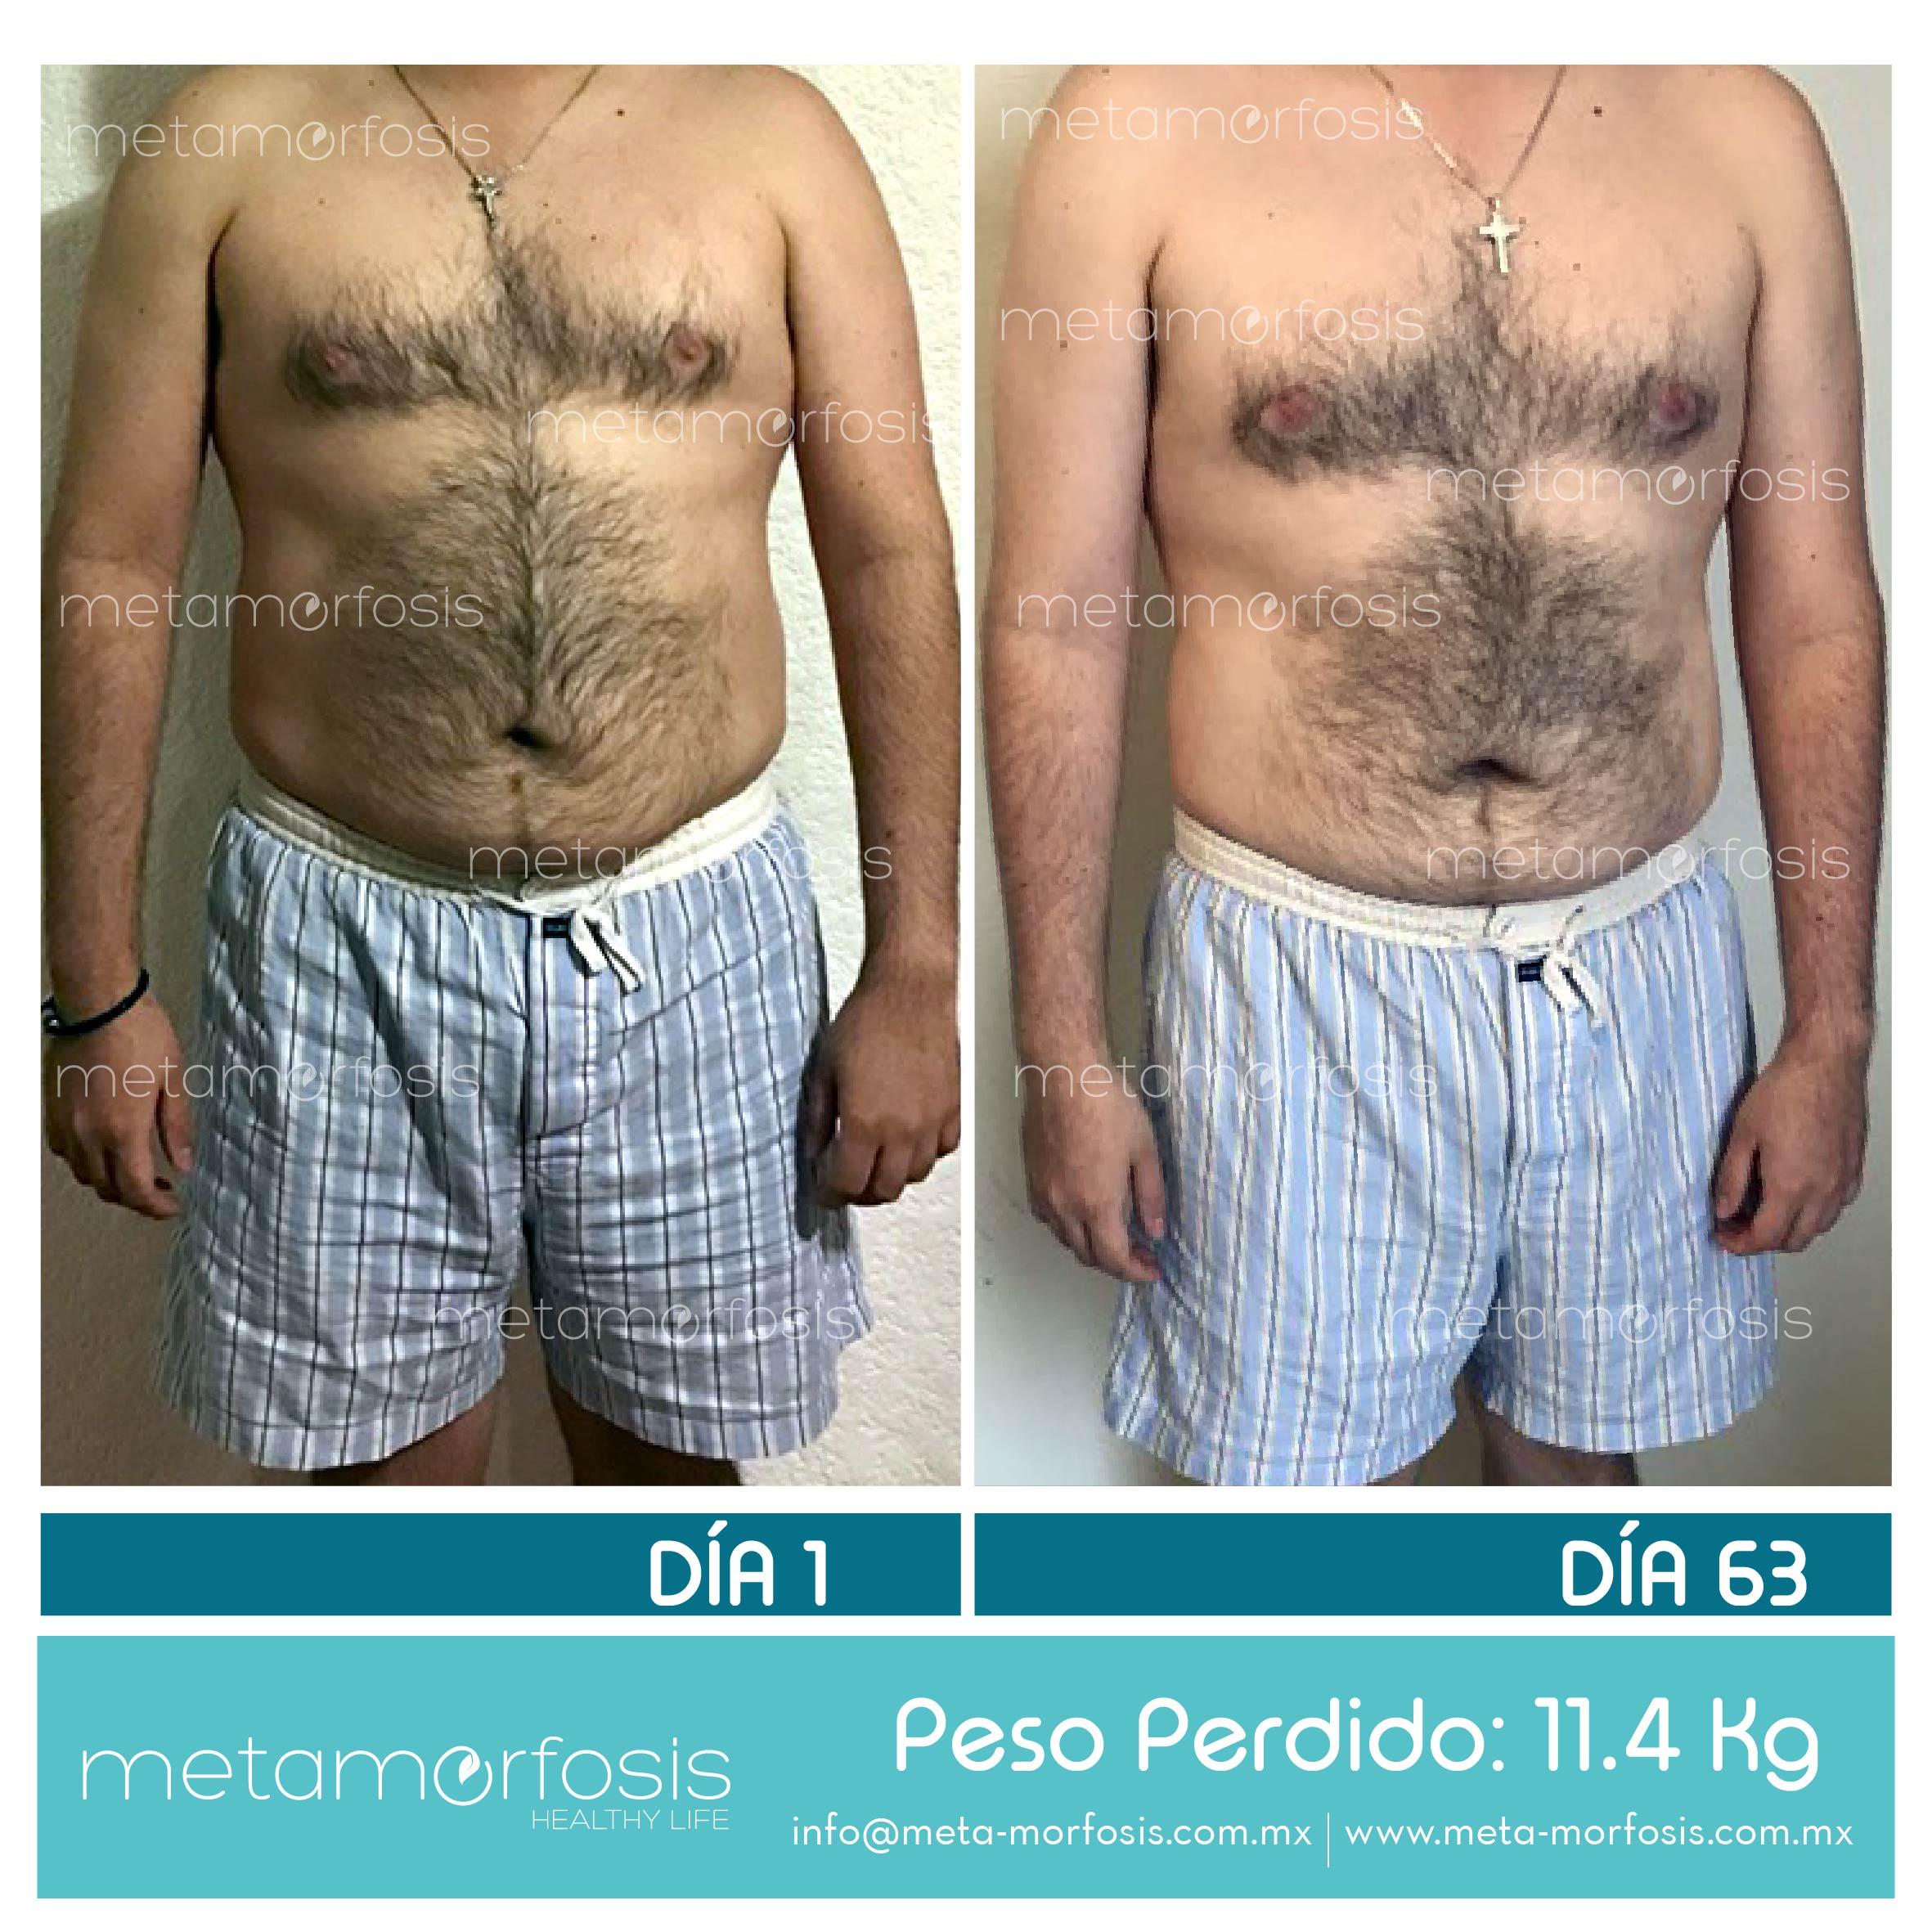 #MiMetamorfosis